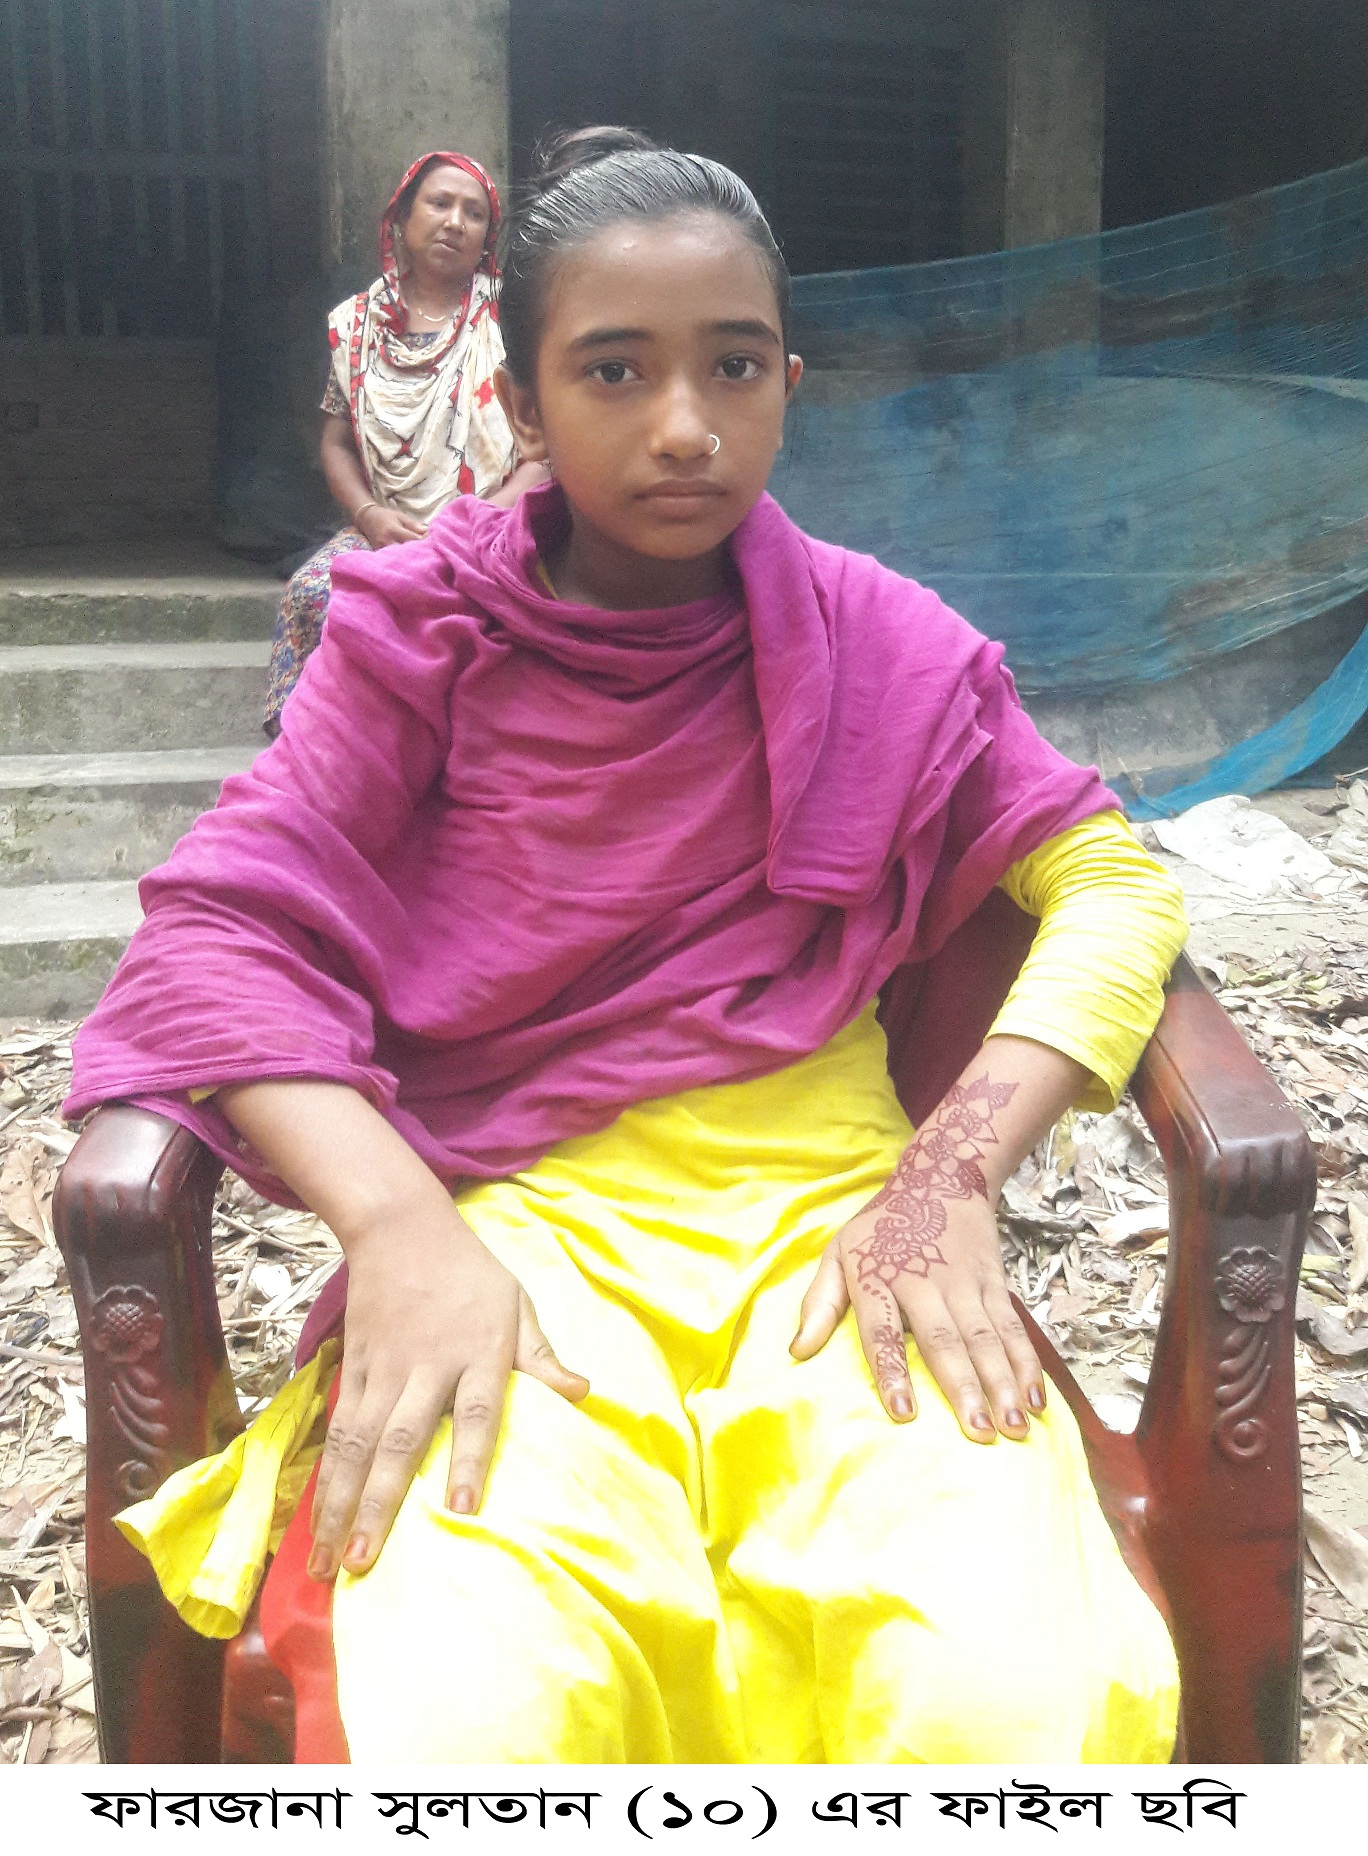 কালিগঞ্জে চতুর্থ শ্রেণীর ছাত্রীকে জোরপূর্বক বিয়ে দেওয়ার অভিযোগ